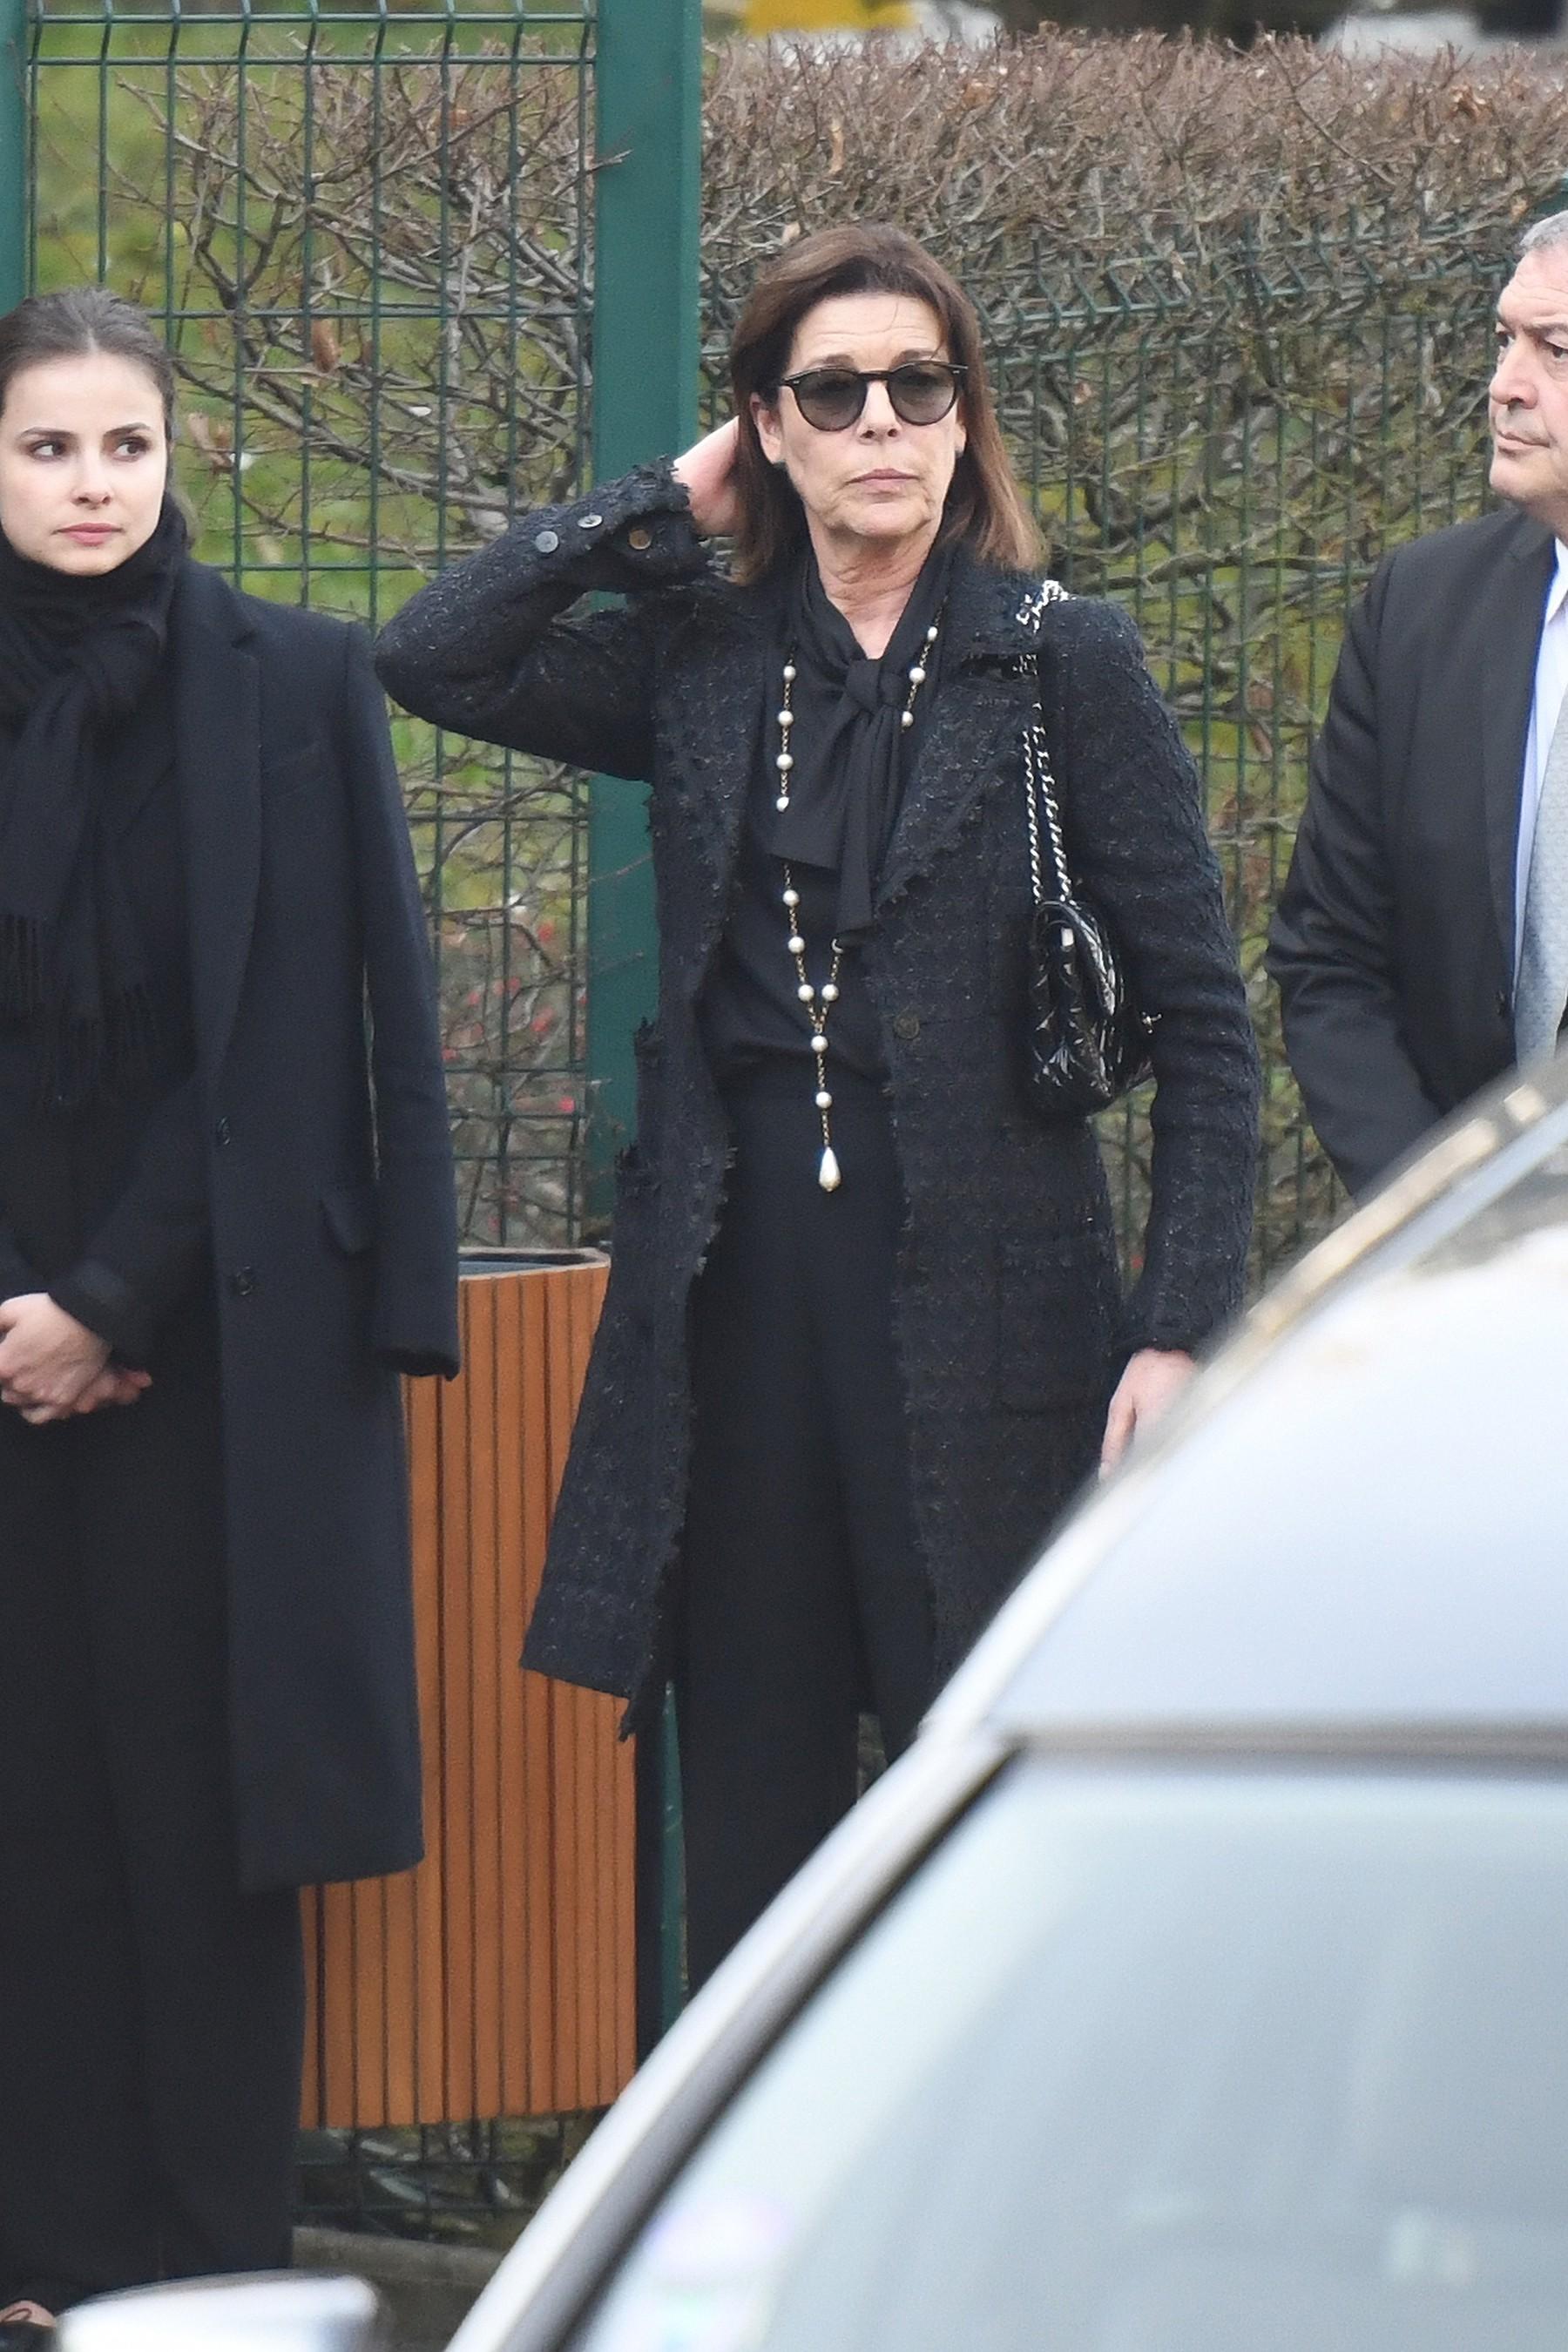 Lễ hỏa táng của huyền thoại Karl Lagerfeld: Công chúa Monaco, tổng biên tạp chí Vogue cùng dàn siêu mẫu đến tiễn đưa - Ảnh 5.